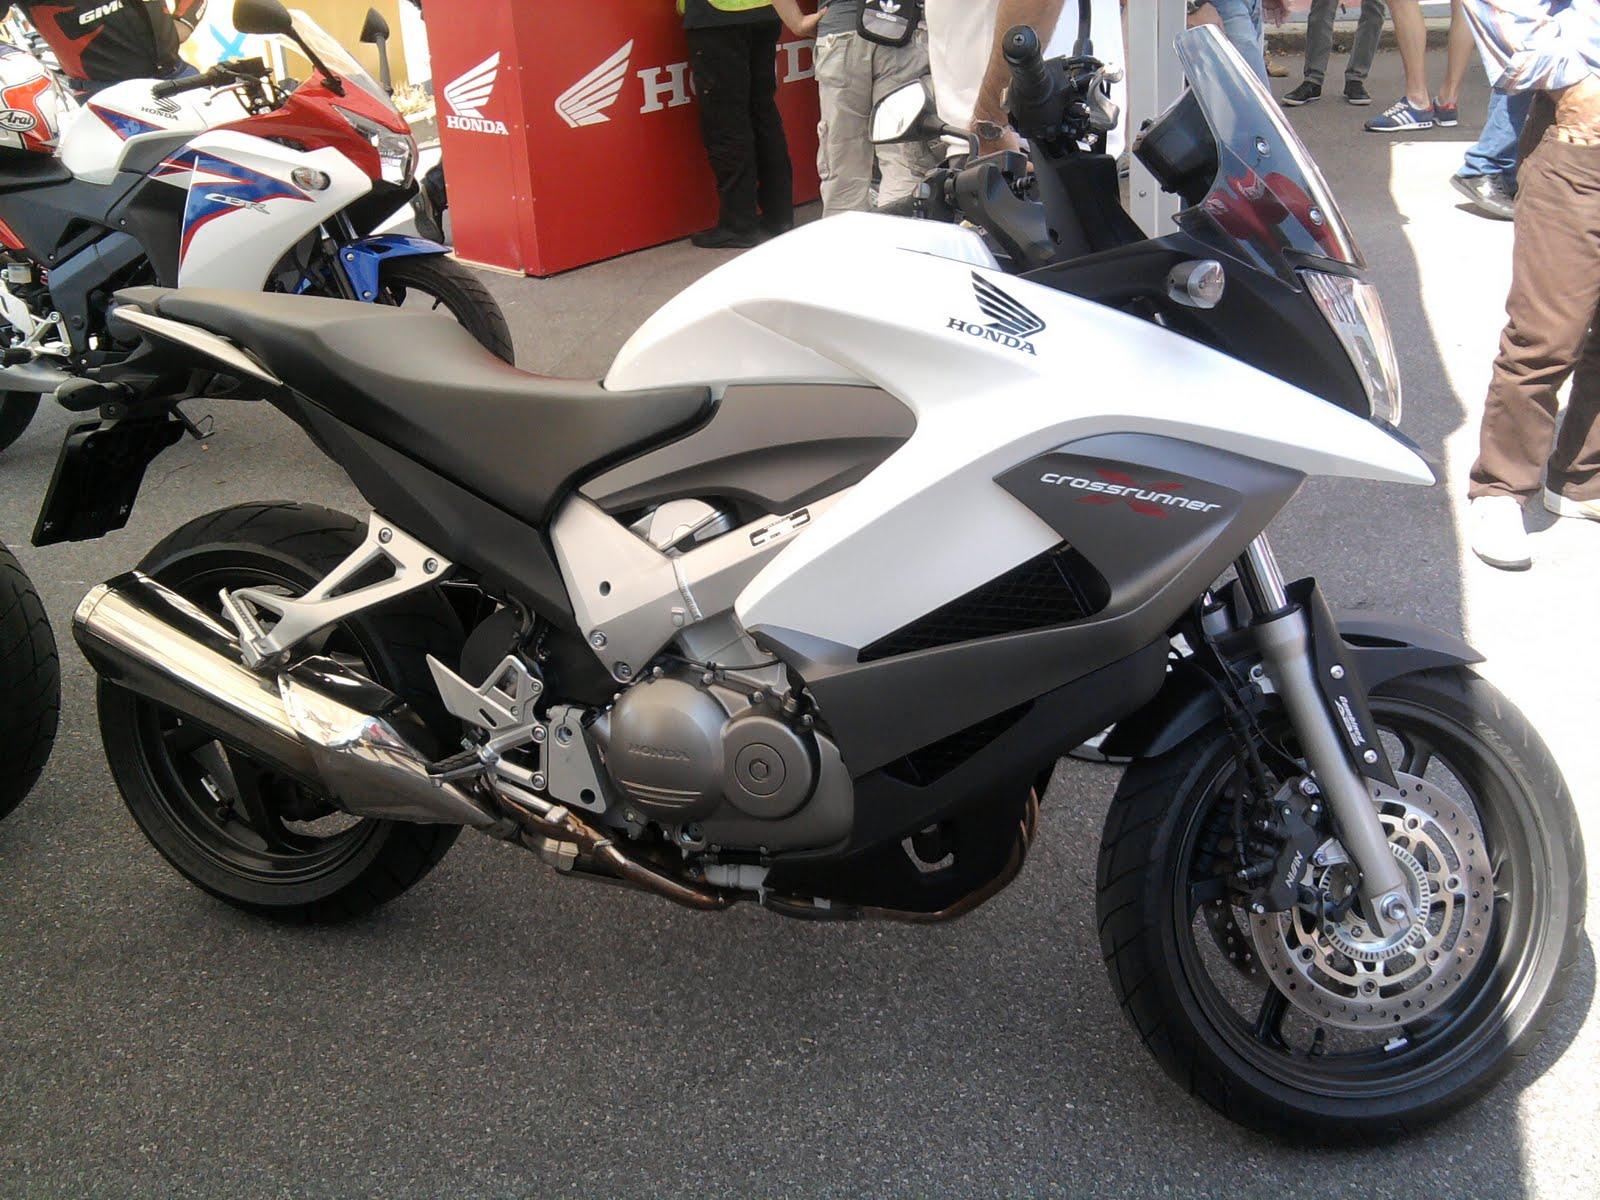 Bike Life Test Ride Honda Crossrunner